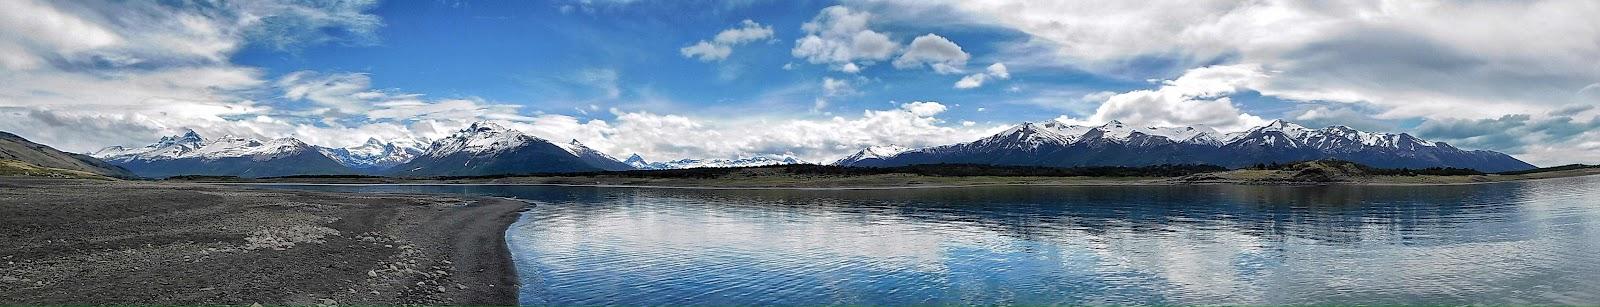 Parque Nacional de Los Glaciares, Patagonia Argentina